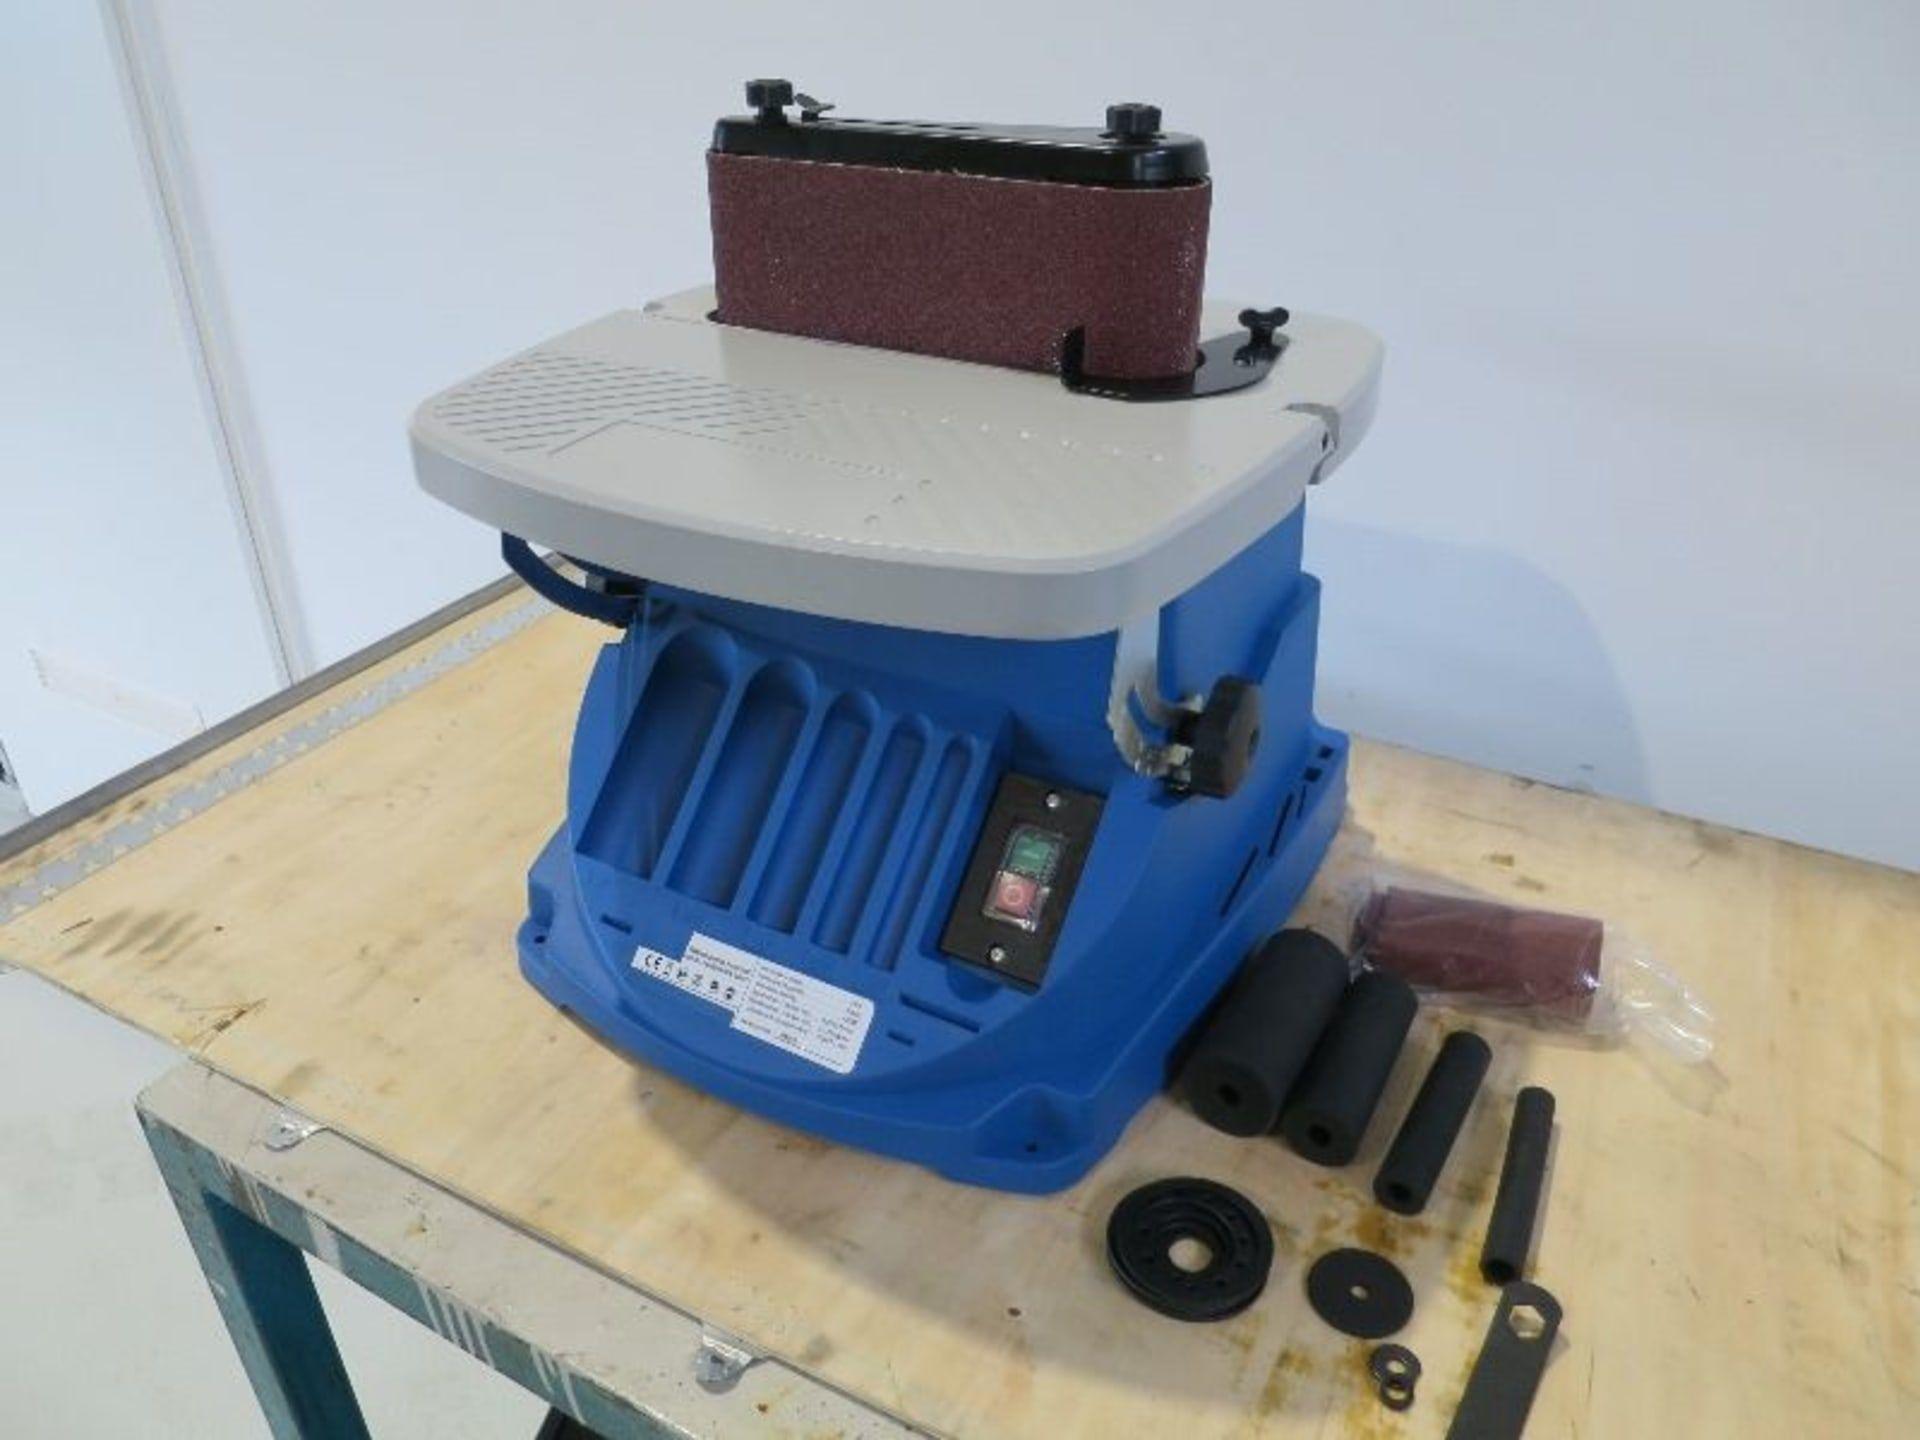 HBM I/A-Oszill Band- und Innenschleifmaschine